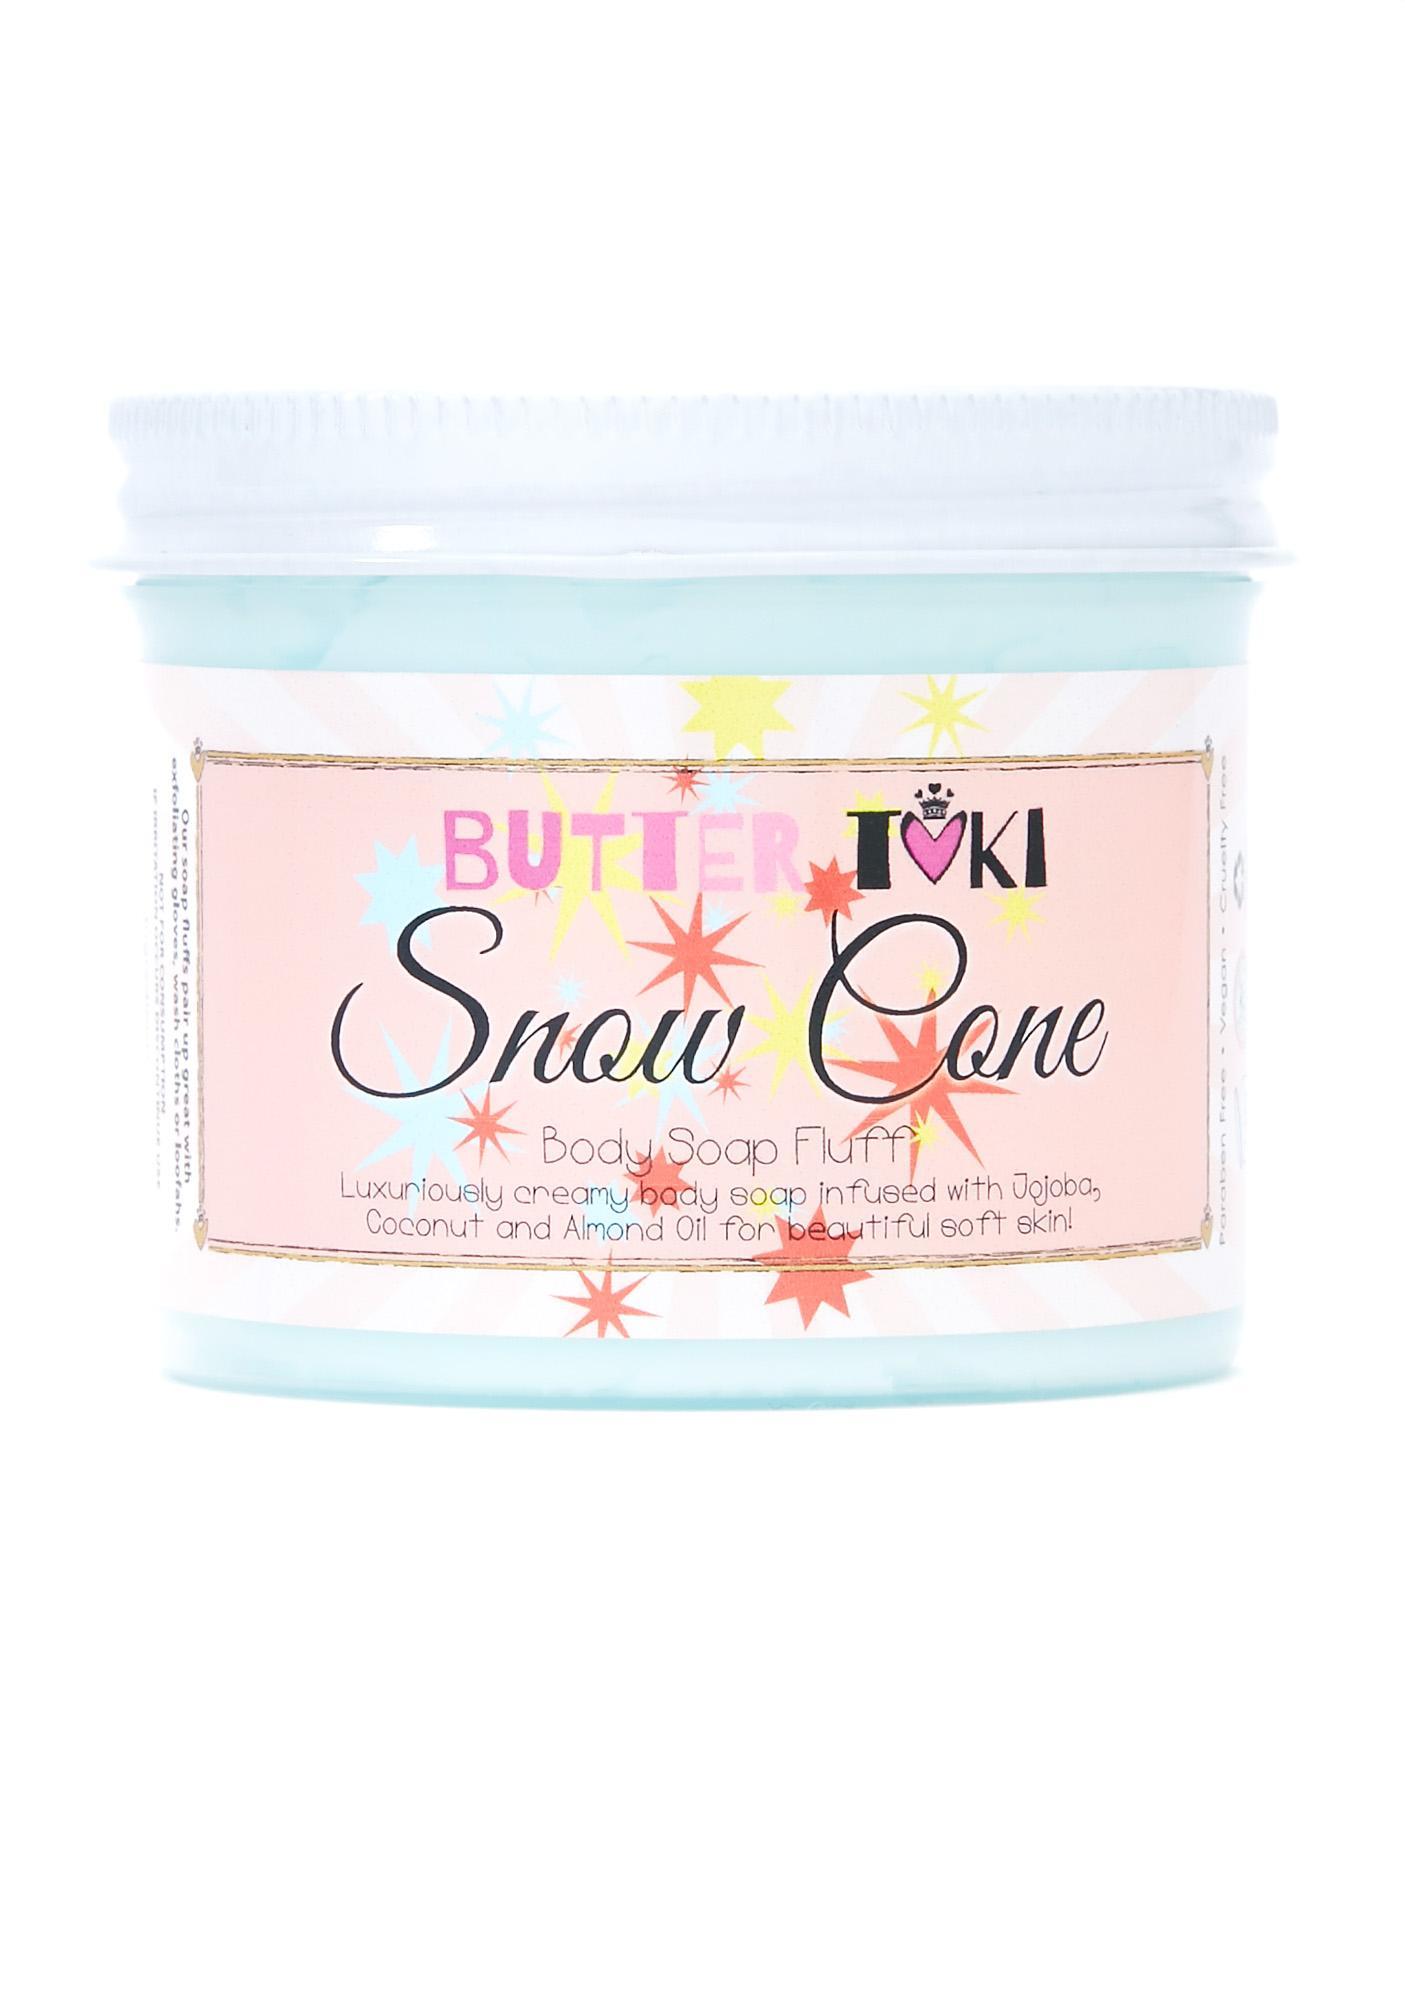 Butter Toki Snow Cone Soap Fluff